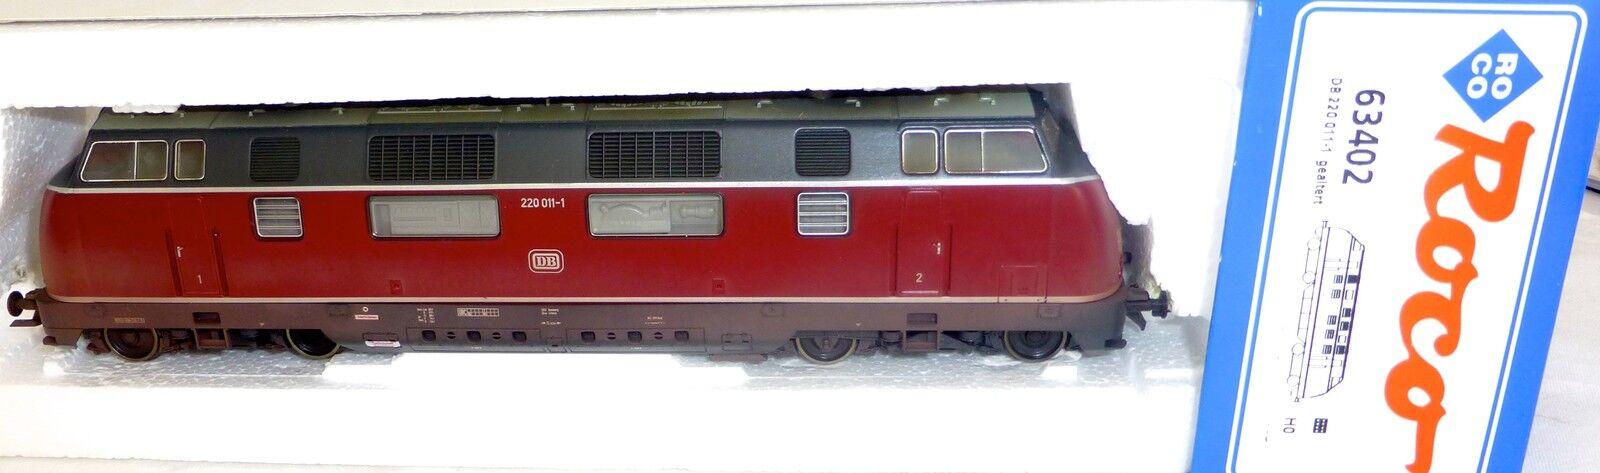 V 220 011 1 Locomotive Diesel Gesupert Dss Roco 63402 Emballage D'Origine H0 1